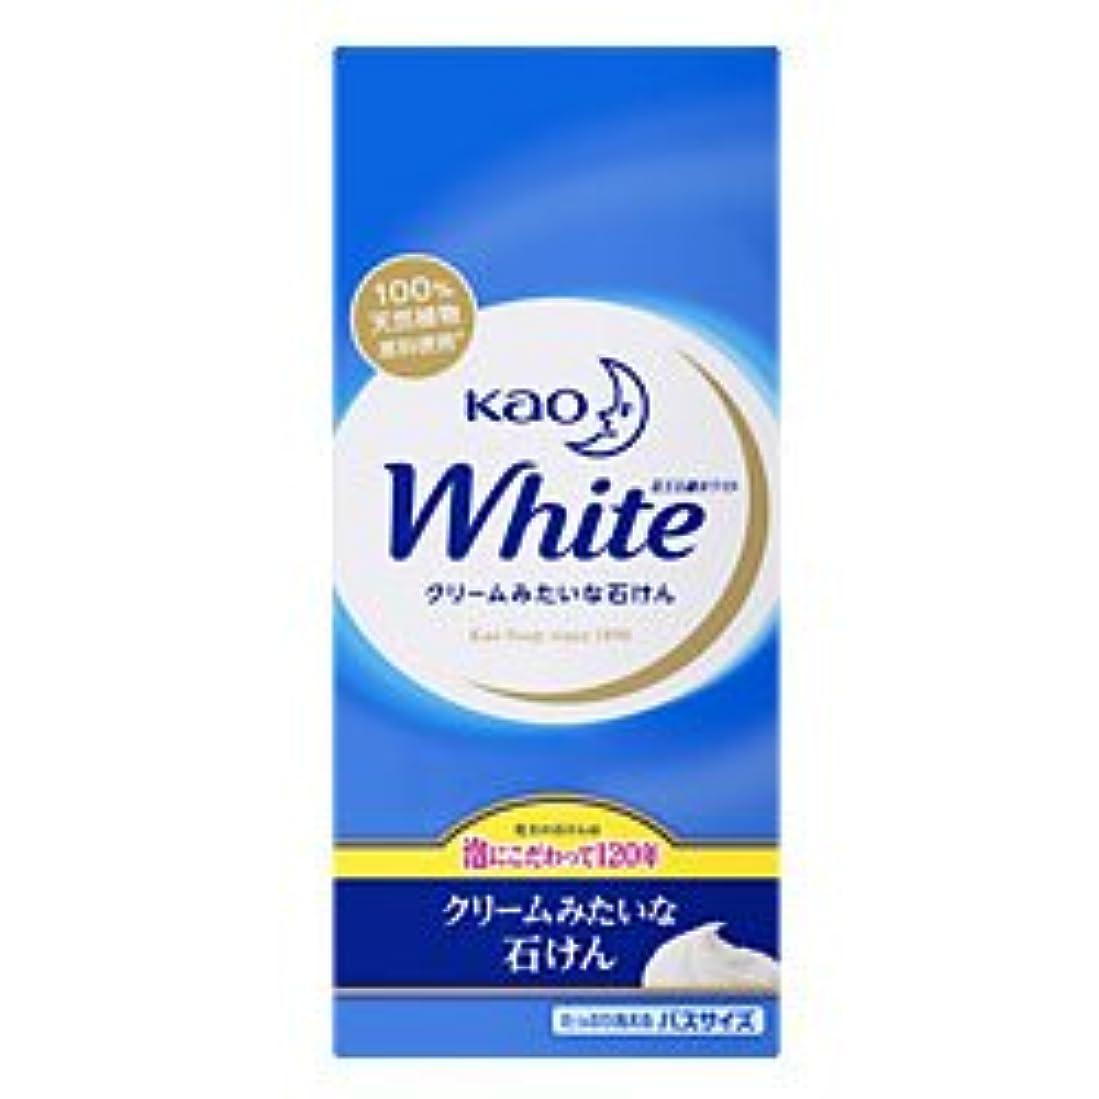 名誉ある独立したクーポン【花王】花王ホワイト バスサイズ 130g×6個 ×10個セット